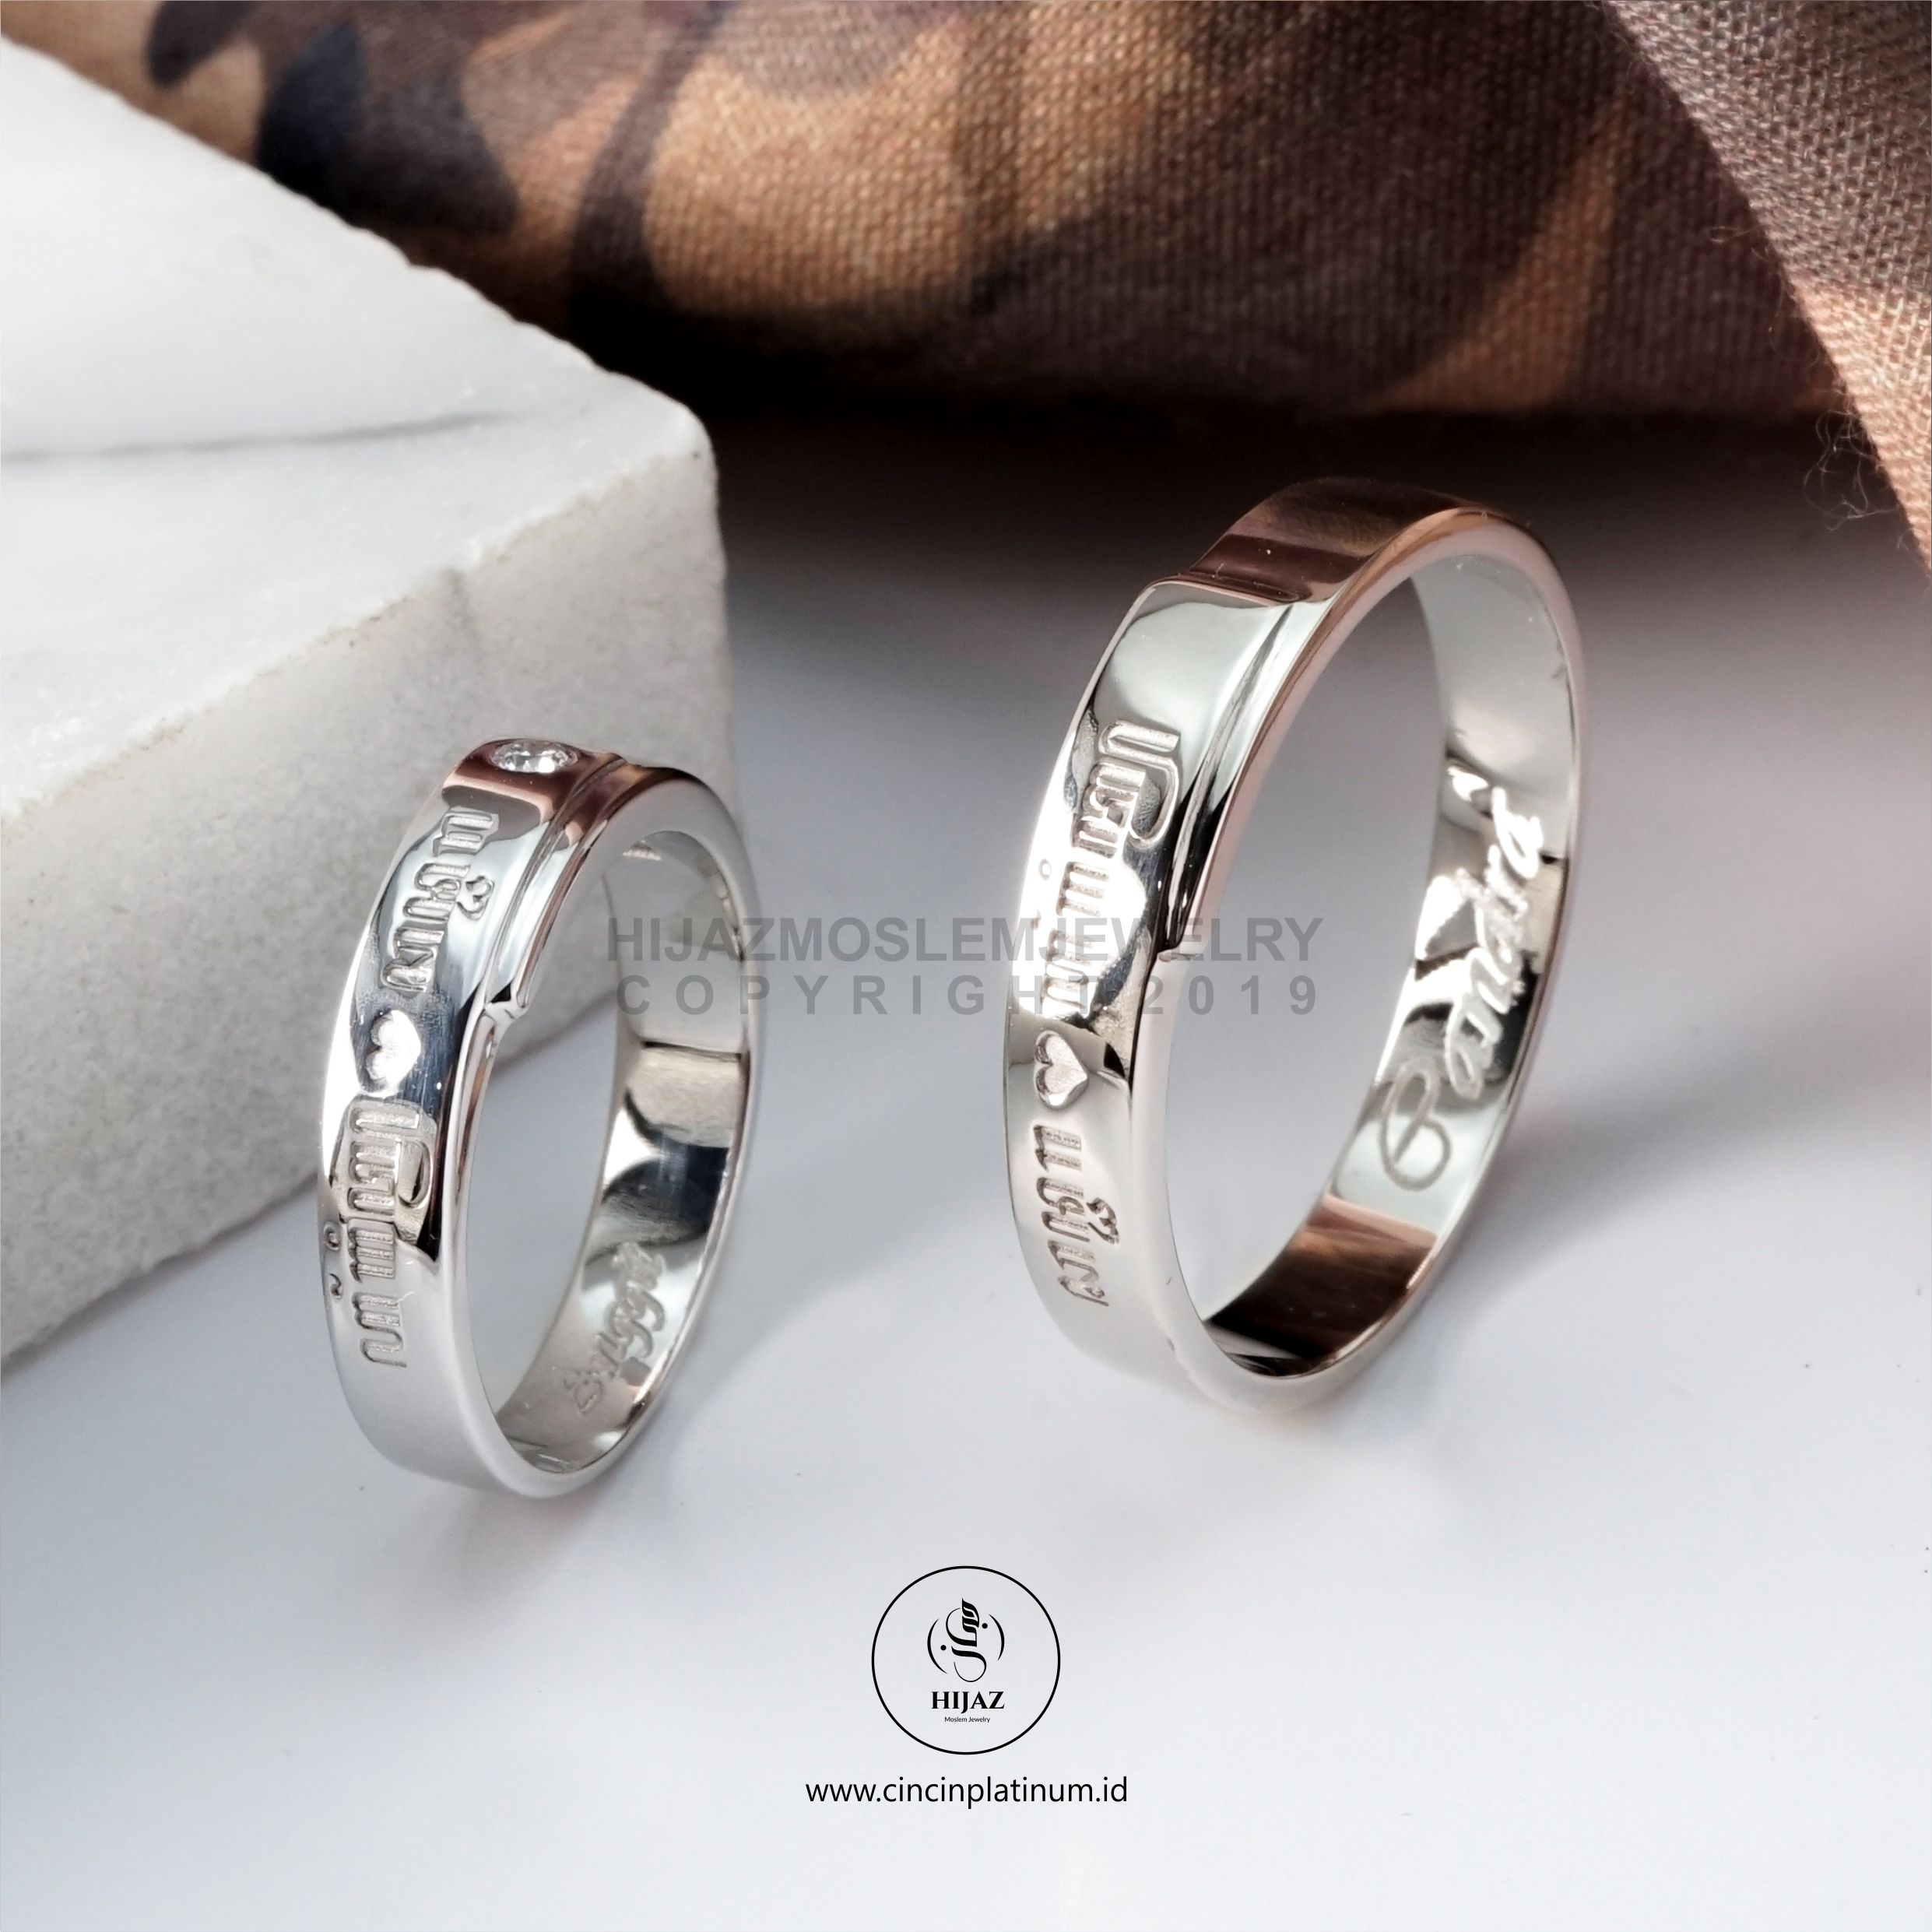 cincin dengan ukir laser aksara jawa